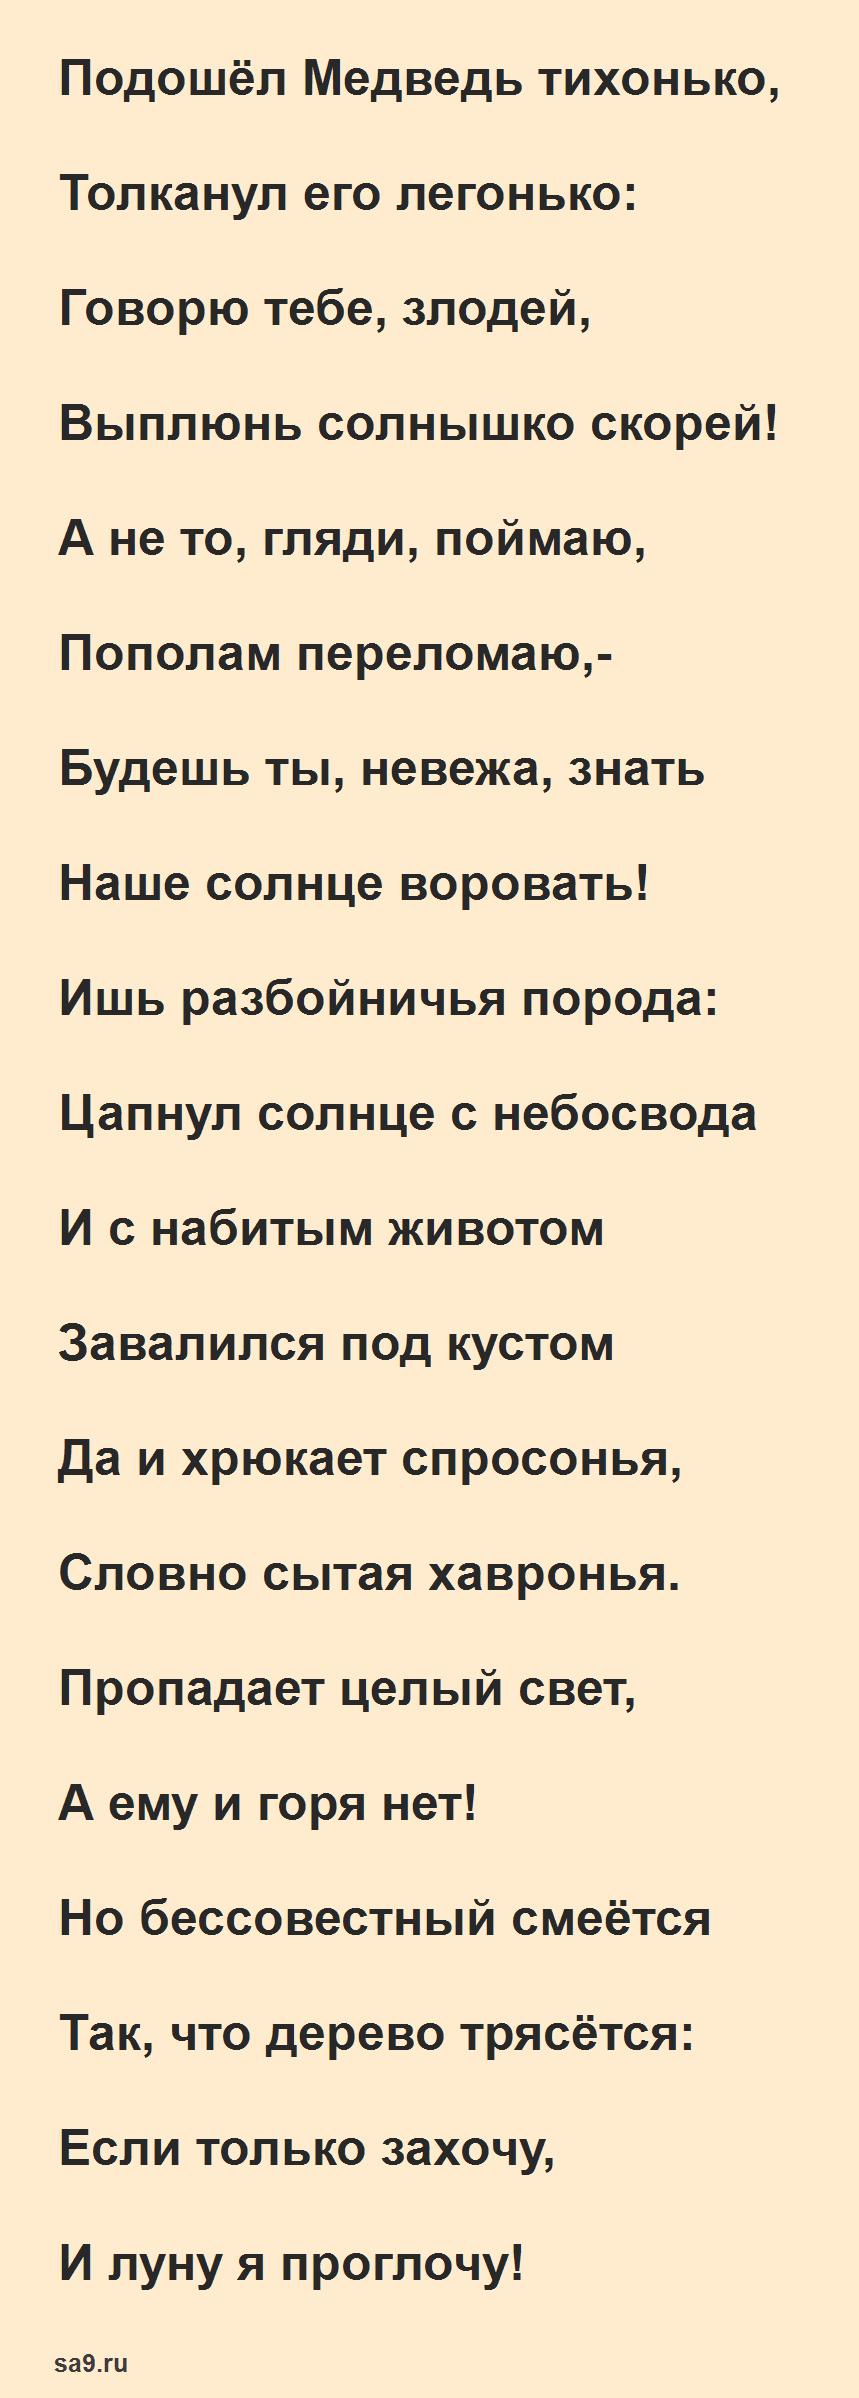 Читать сказку Чуковского 'Краденое солнце', полностью